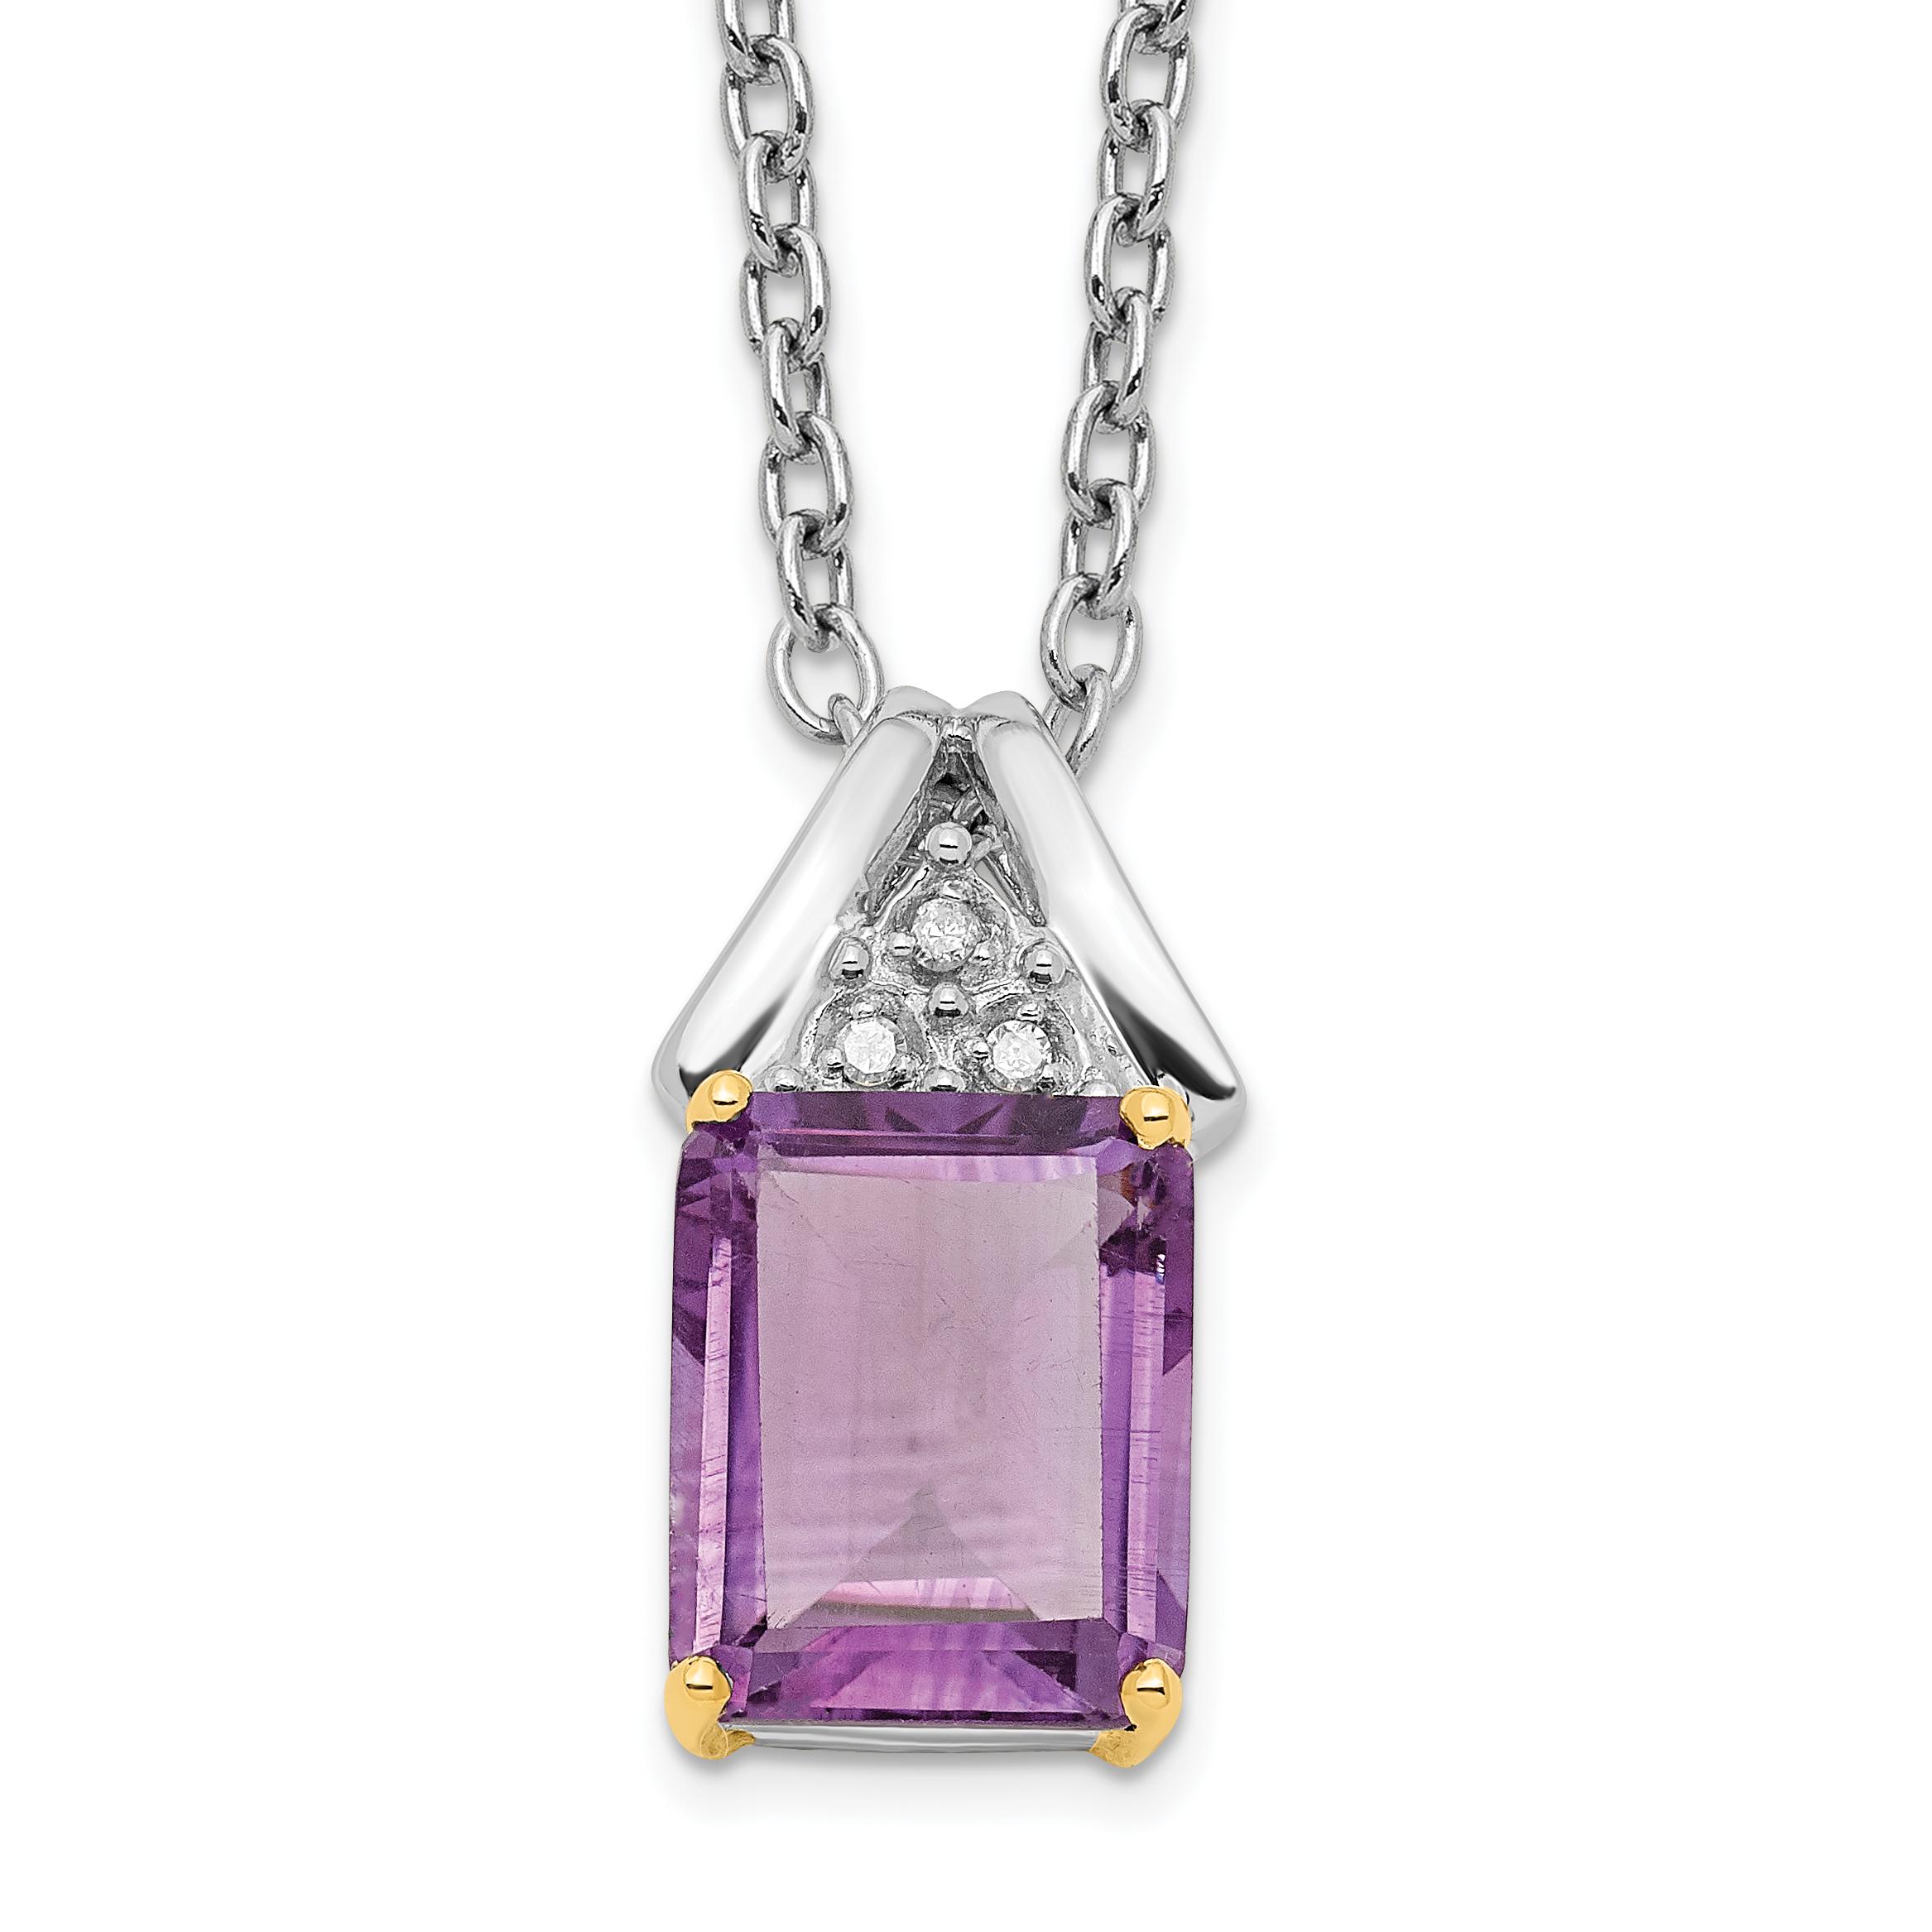 925 Sterling Silver 14k Purple Amethyst Diamond Chain